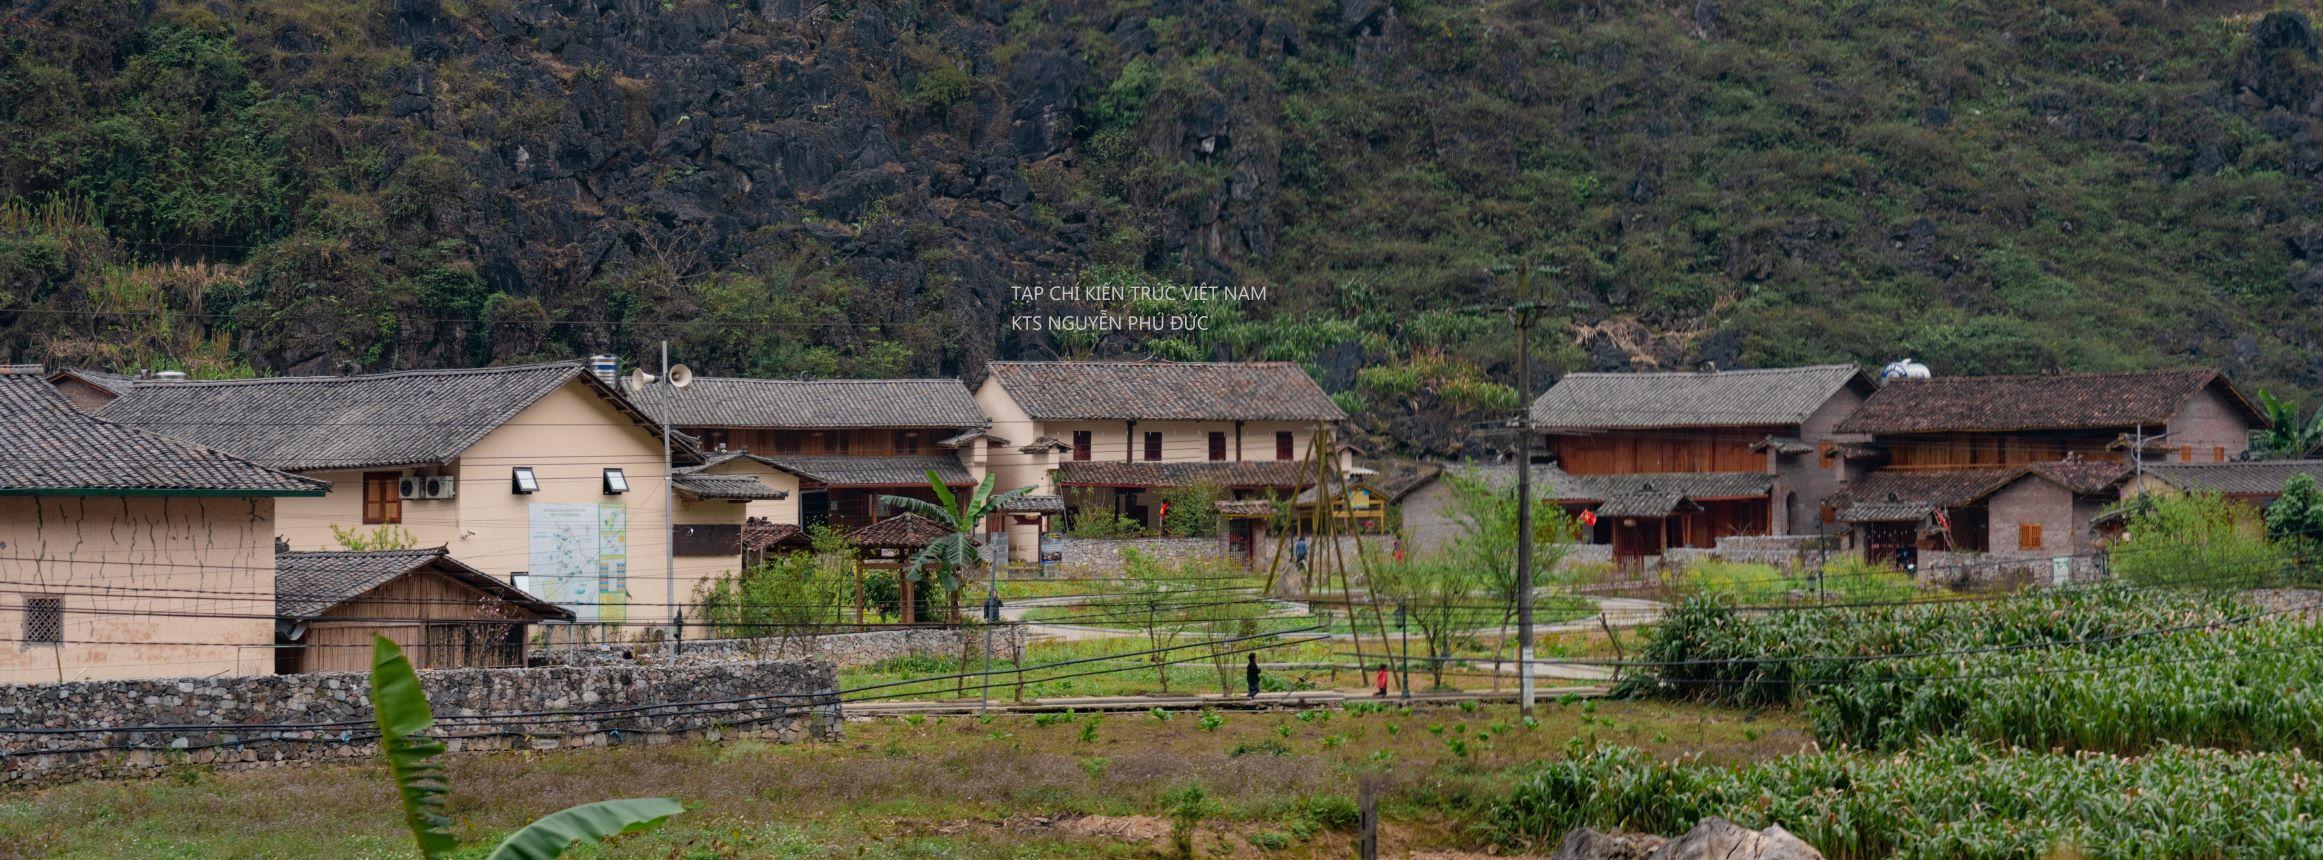 Làng văn hóa du lịch cộng đồng dân tộc H'Mông